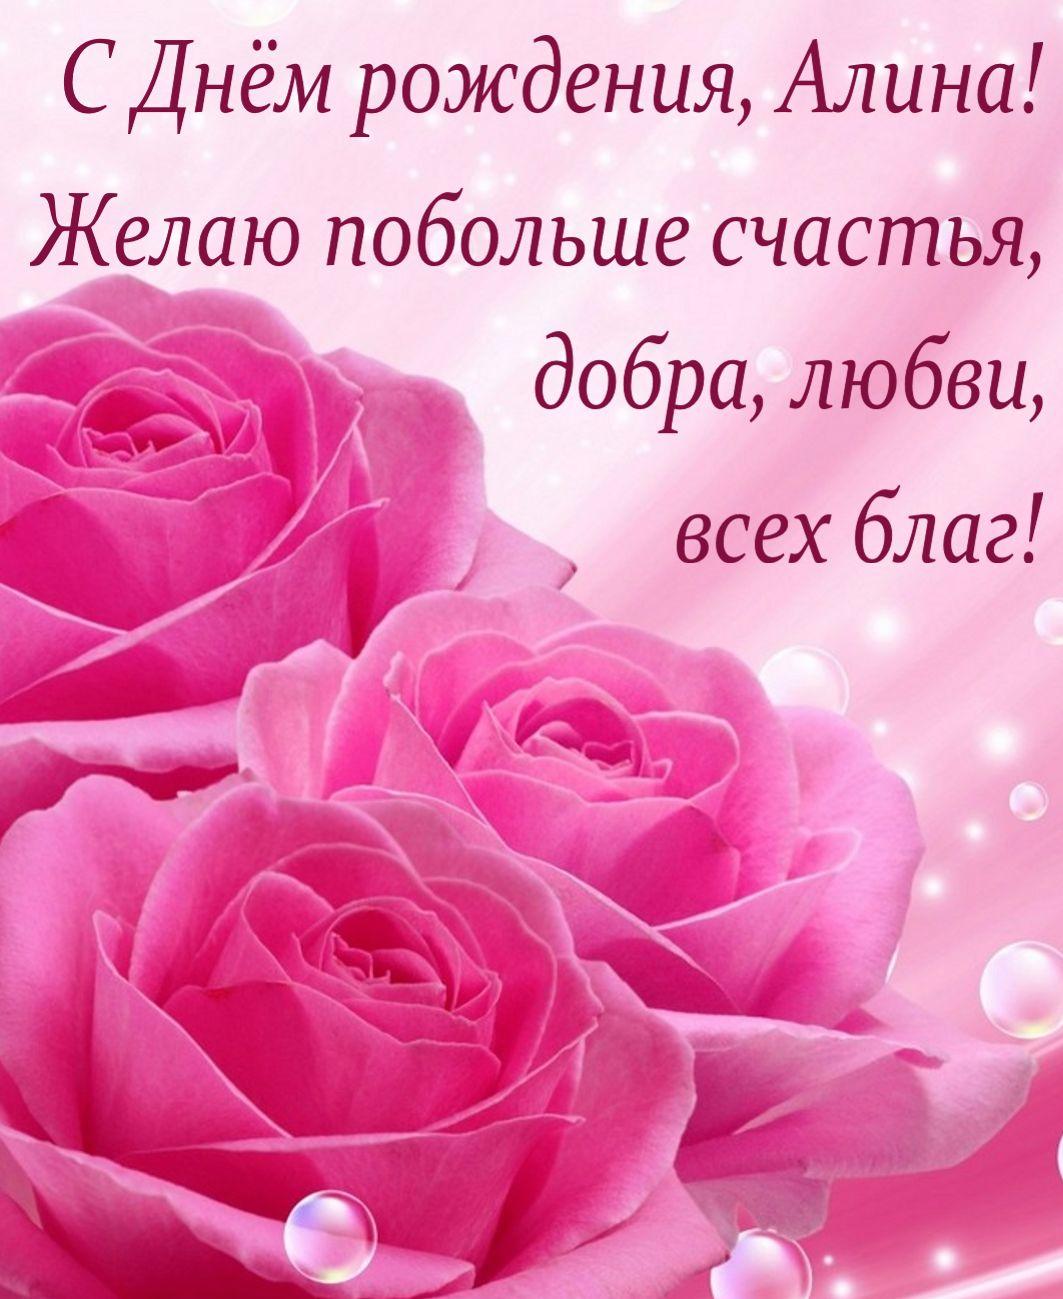 Пожелание на фоне красивых, нежных роз